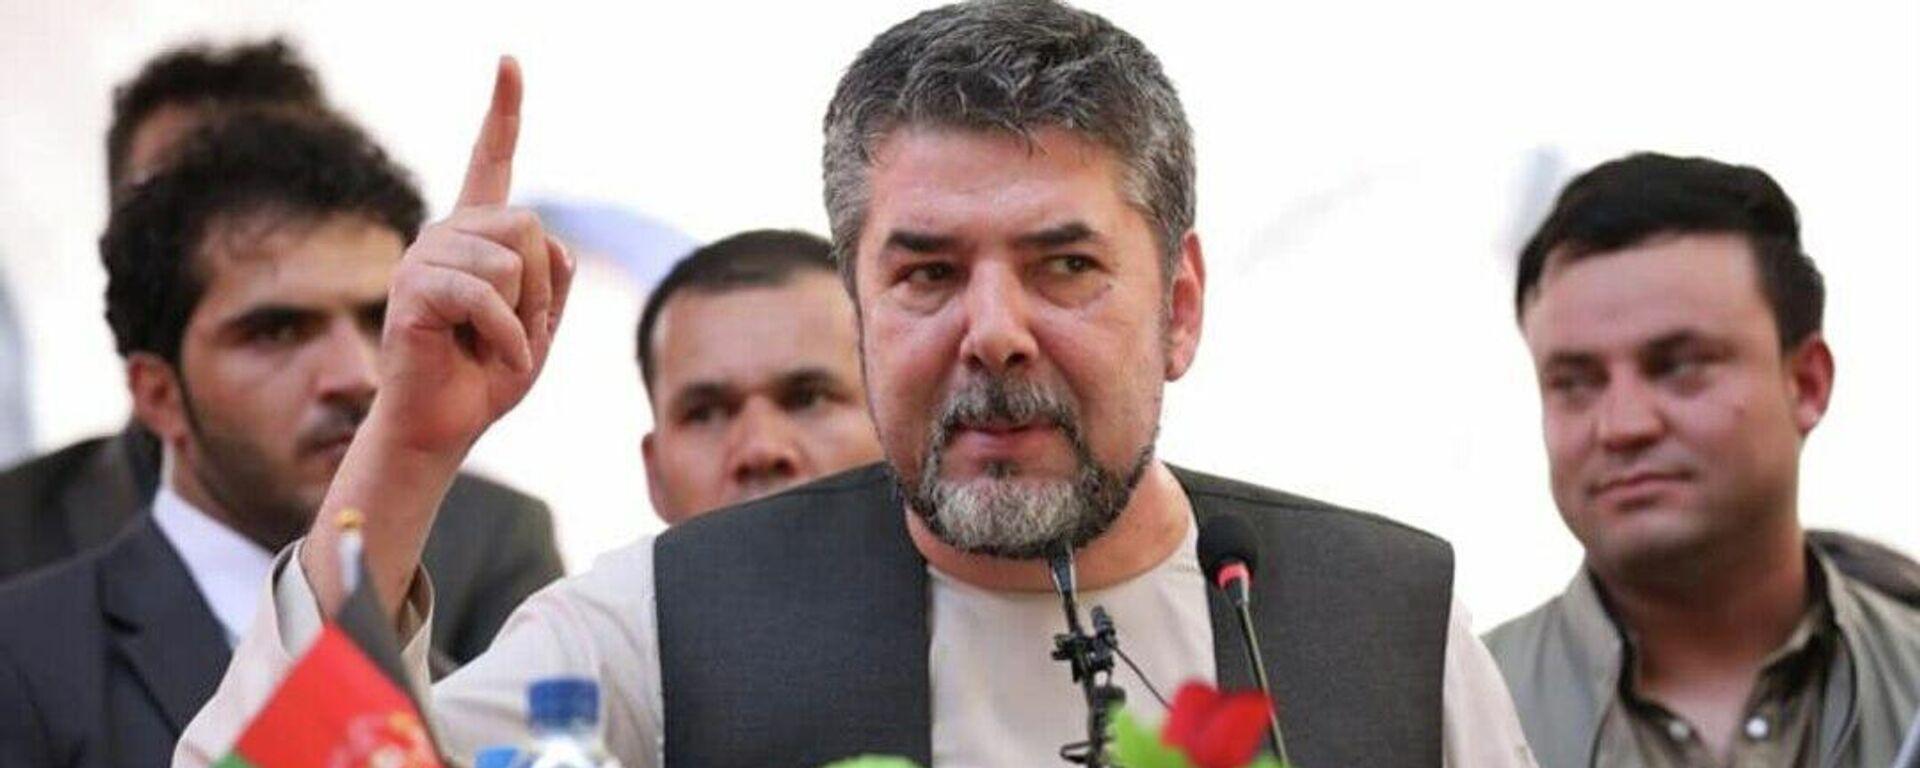 Рахматулла Набил, бывшый глава службы безопасности Афганистана - Sputnik Тоҷикистон, 1920, 06.10.2021